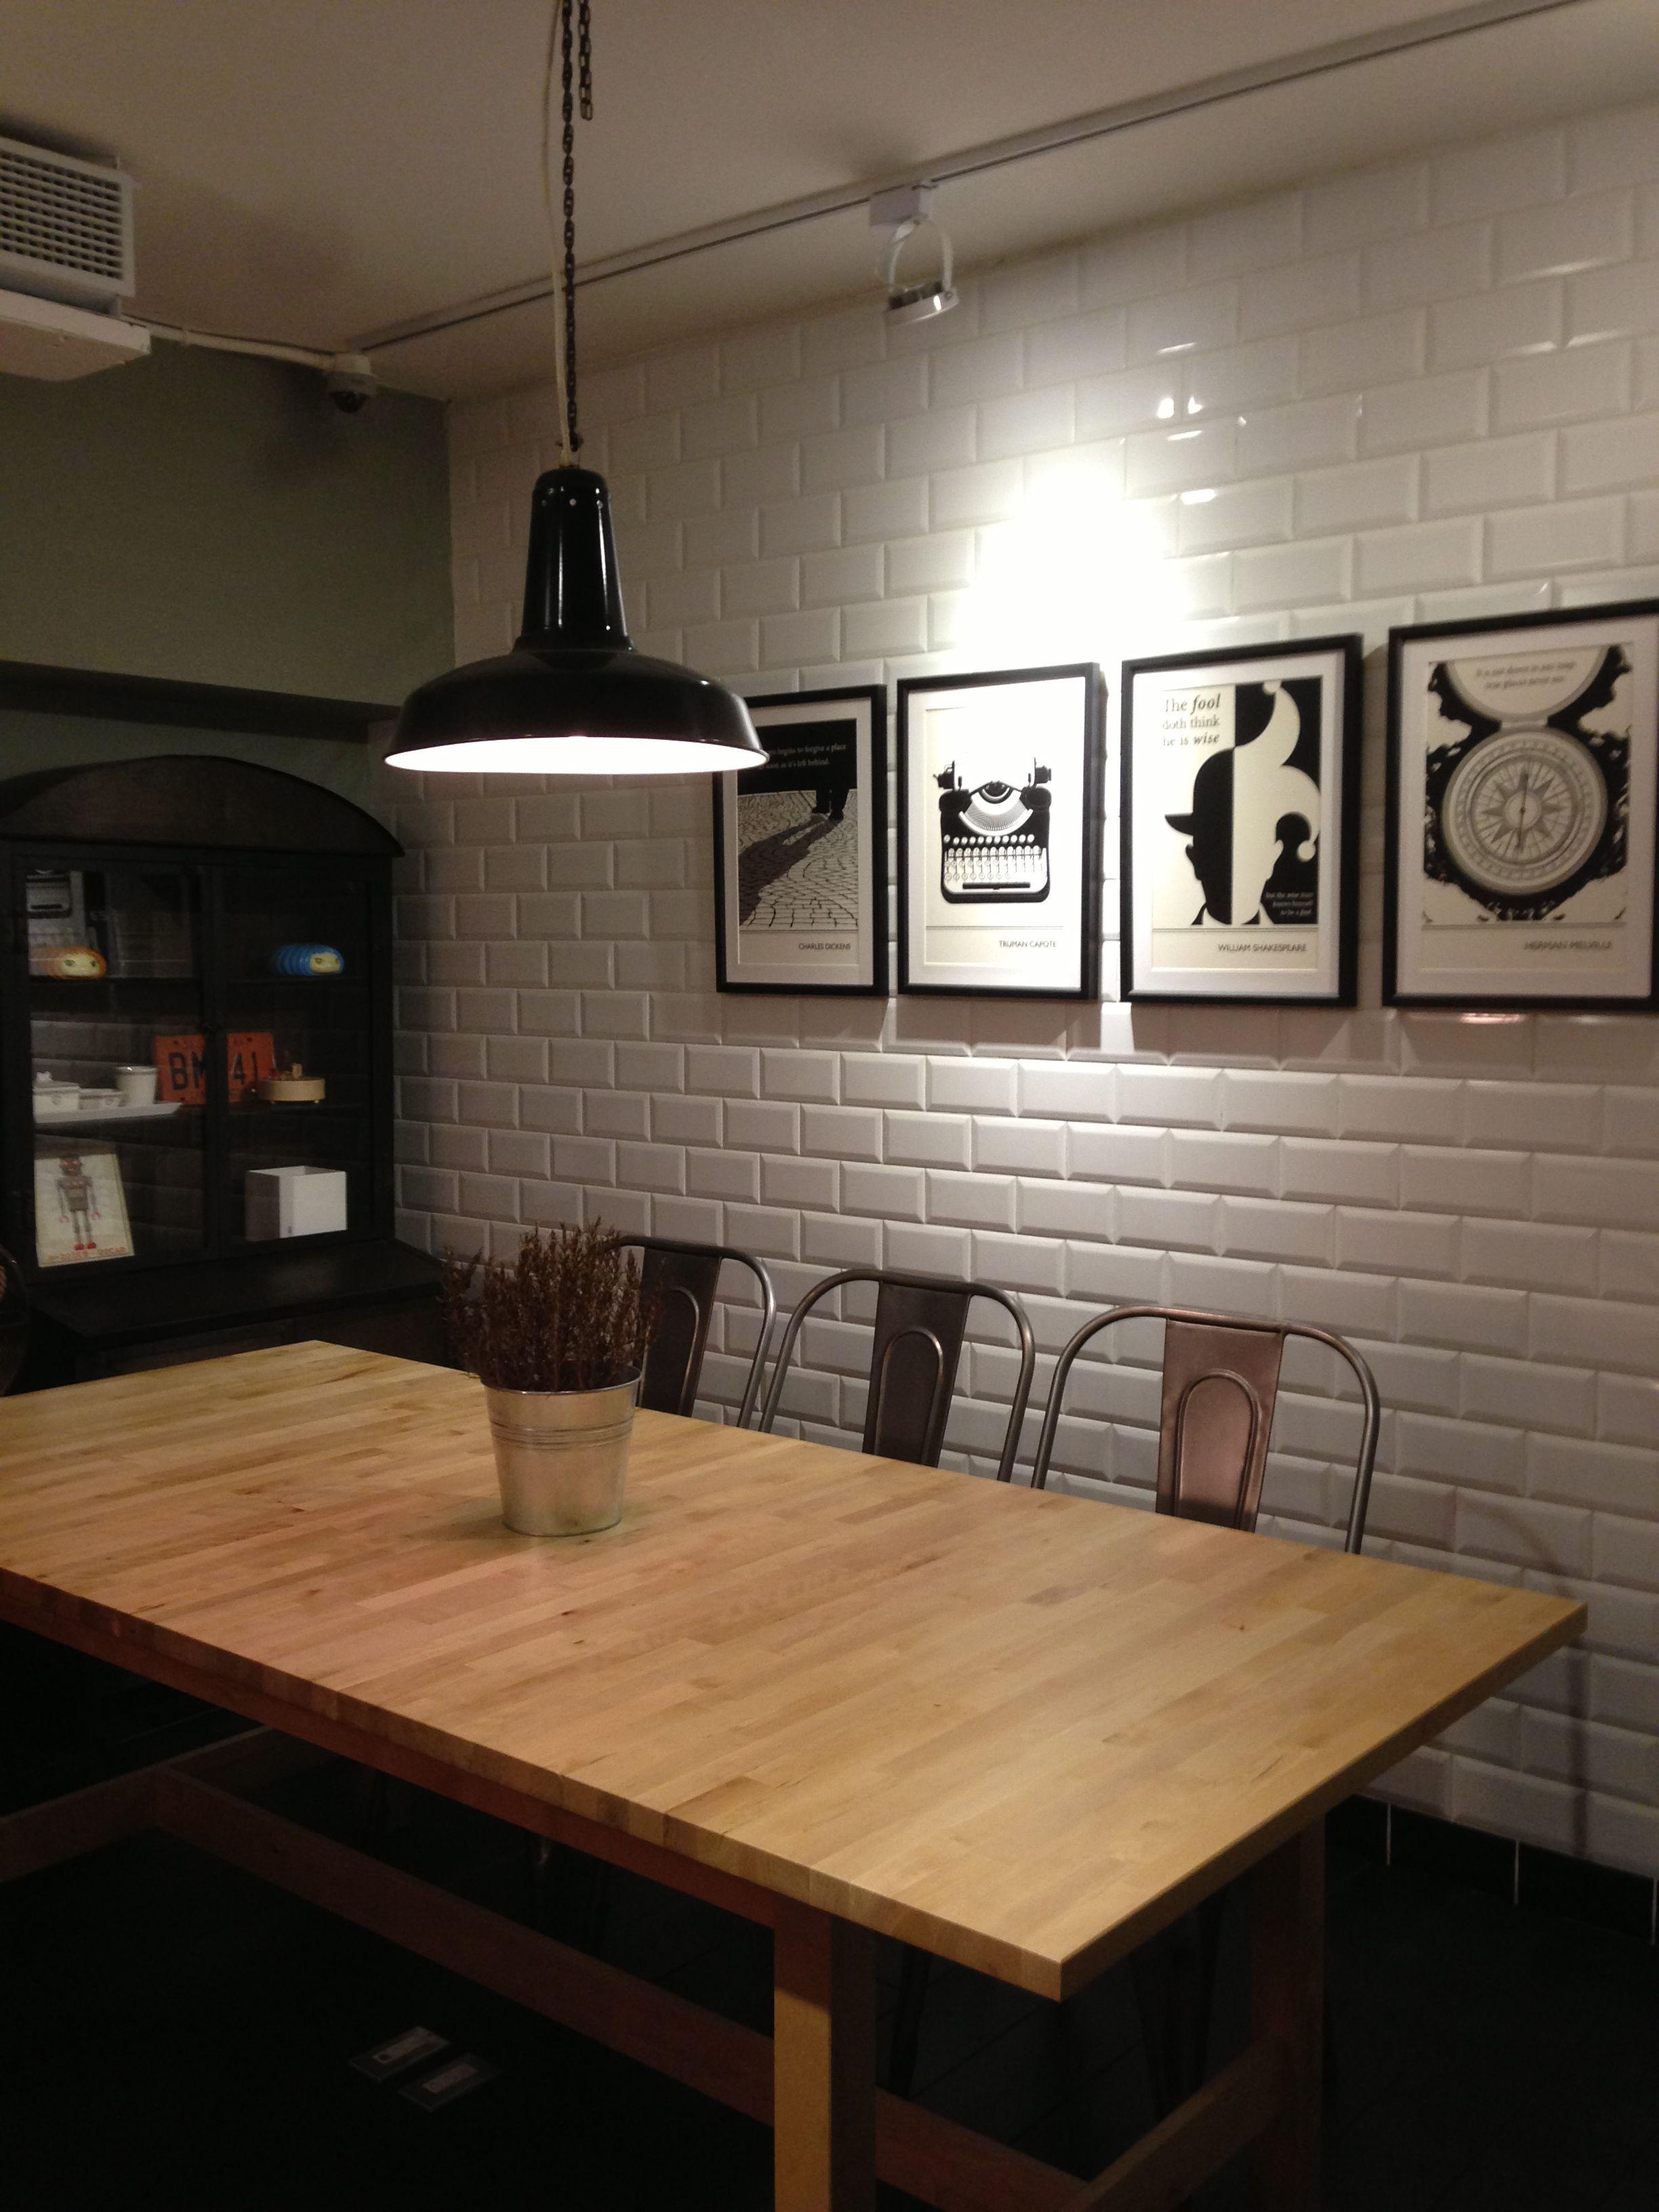 北歐 餐廳 設計 Room Table Home Decor